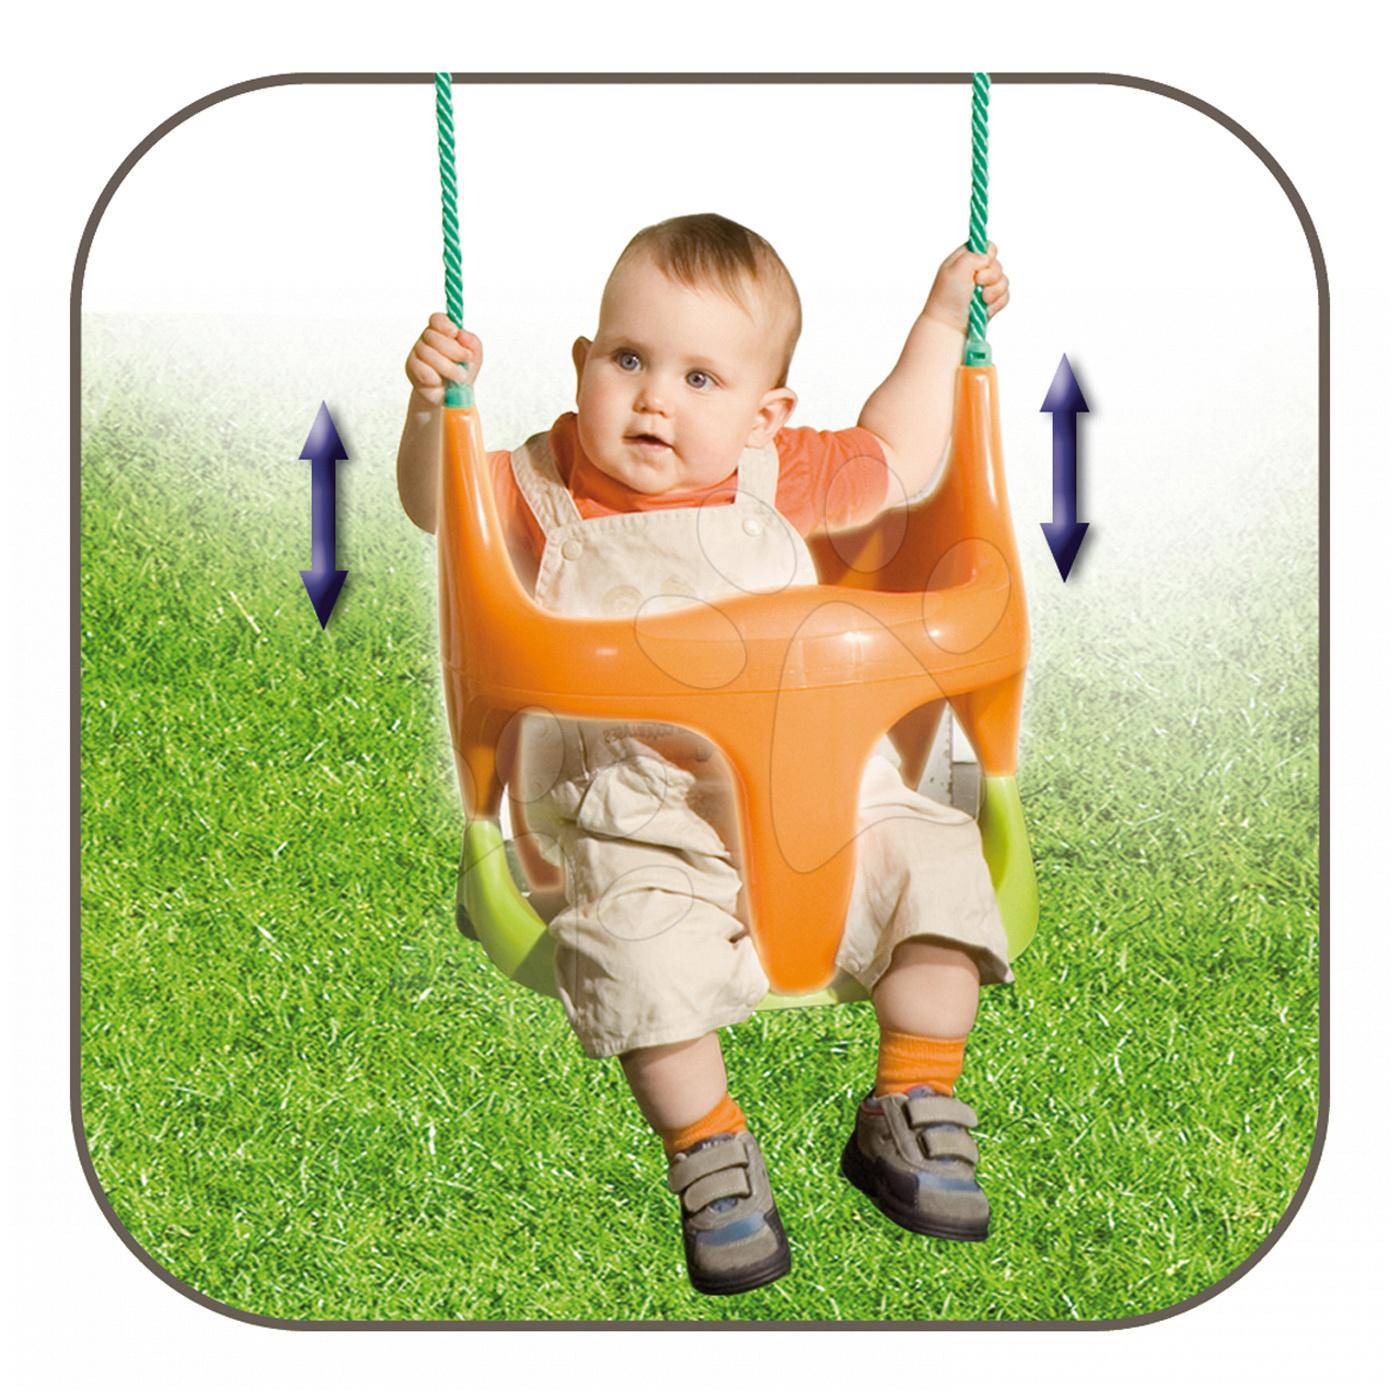 Dětské houpačky - Houpačka Bebe 2v1 Smoby s ohrádkou od 18 měsíců